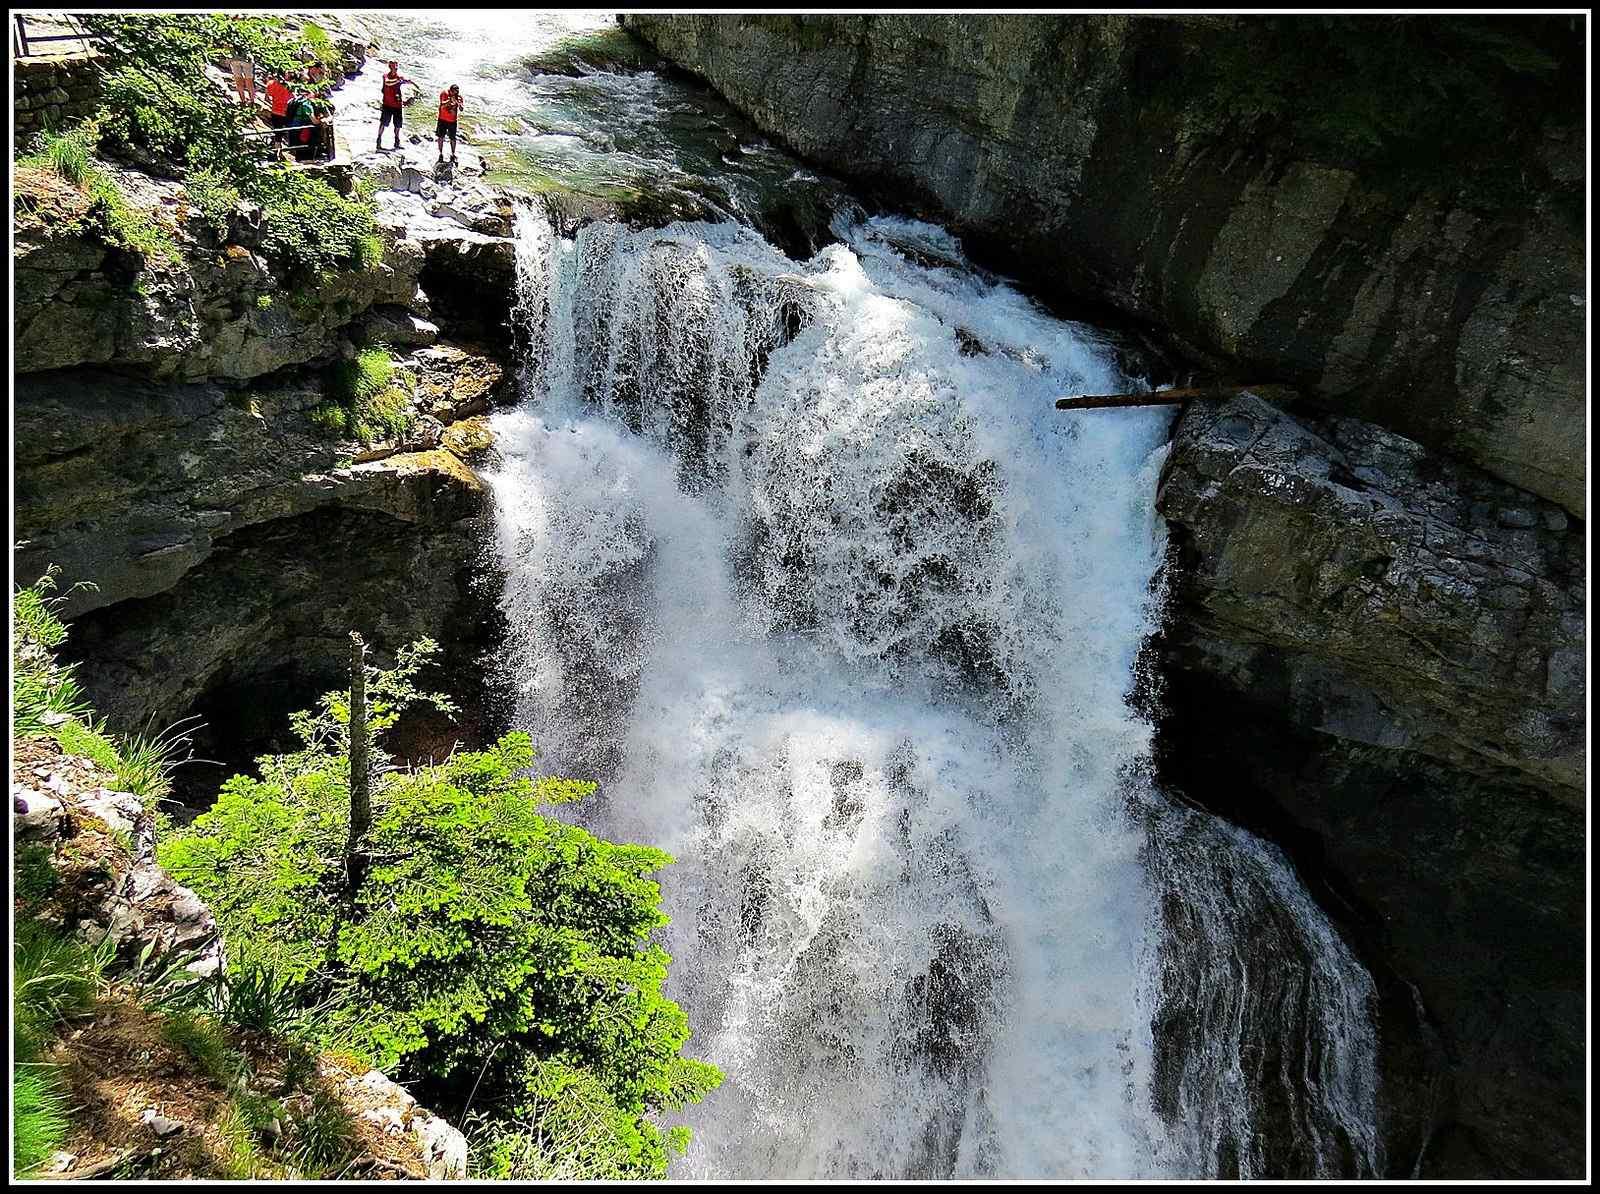 Espectacular Excursión Circular a la Cascada de Arripas, Cascada de la Cueva y Cascada del Estrecho